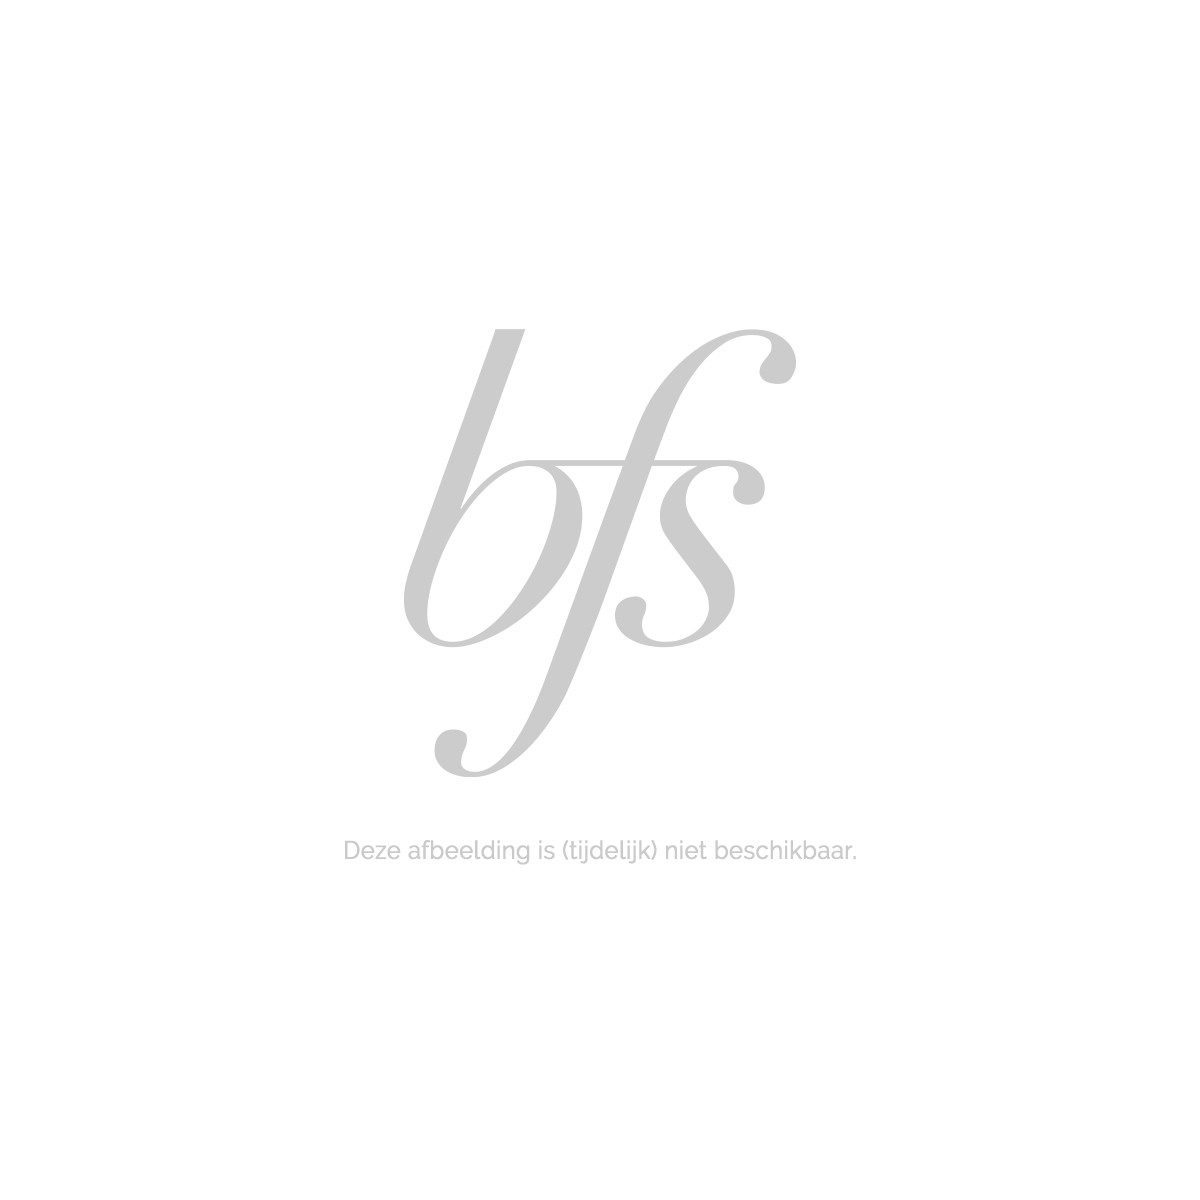 Banila Co Dear Hydration Sheet Mask 27 Ml